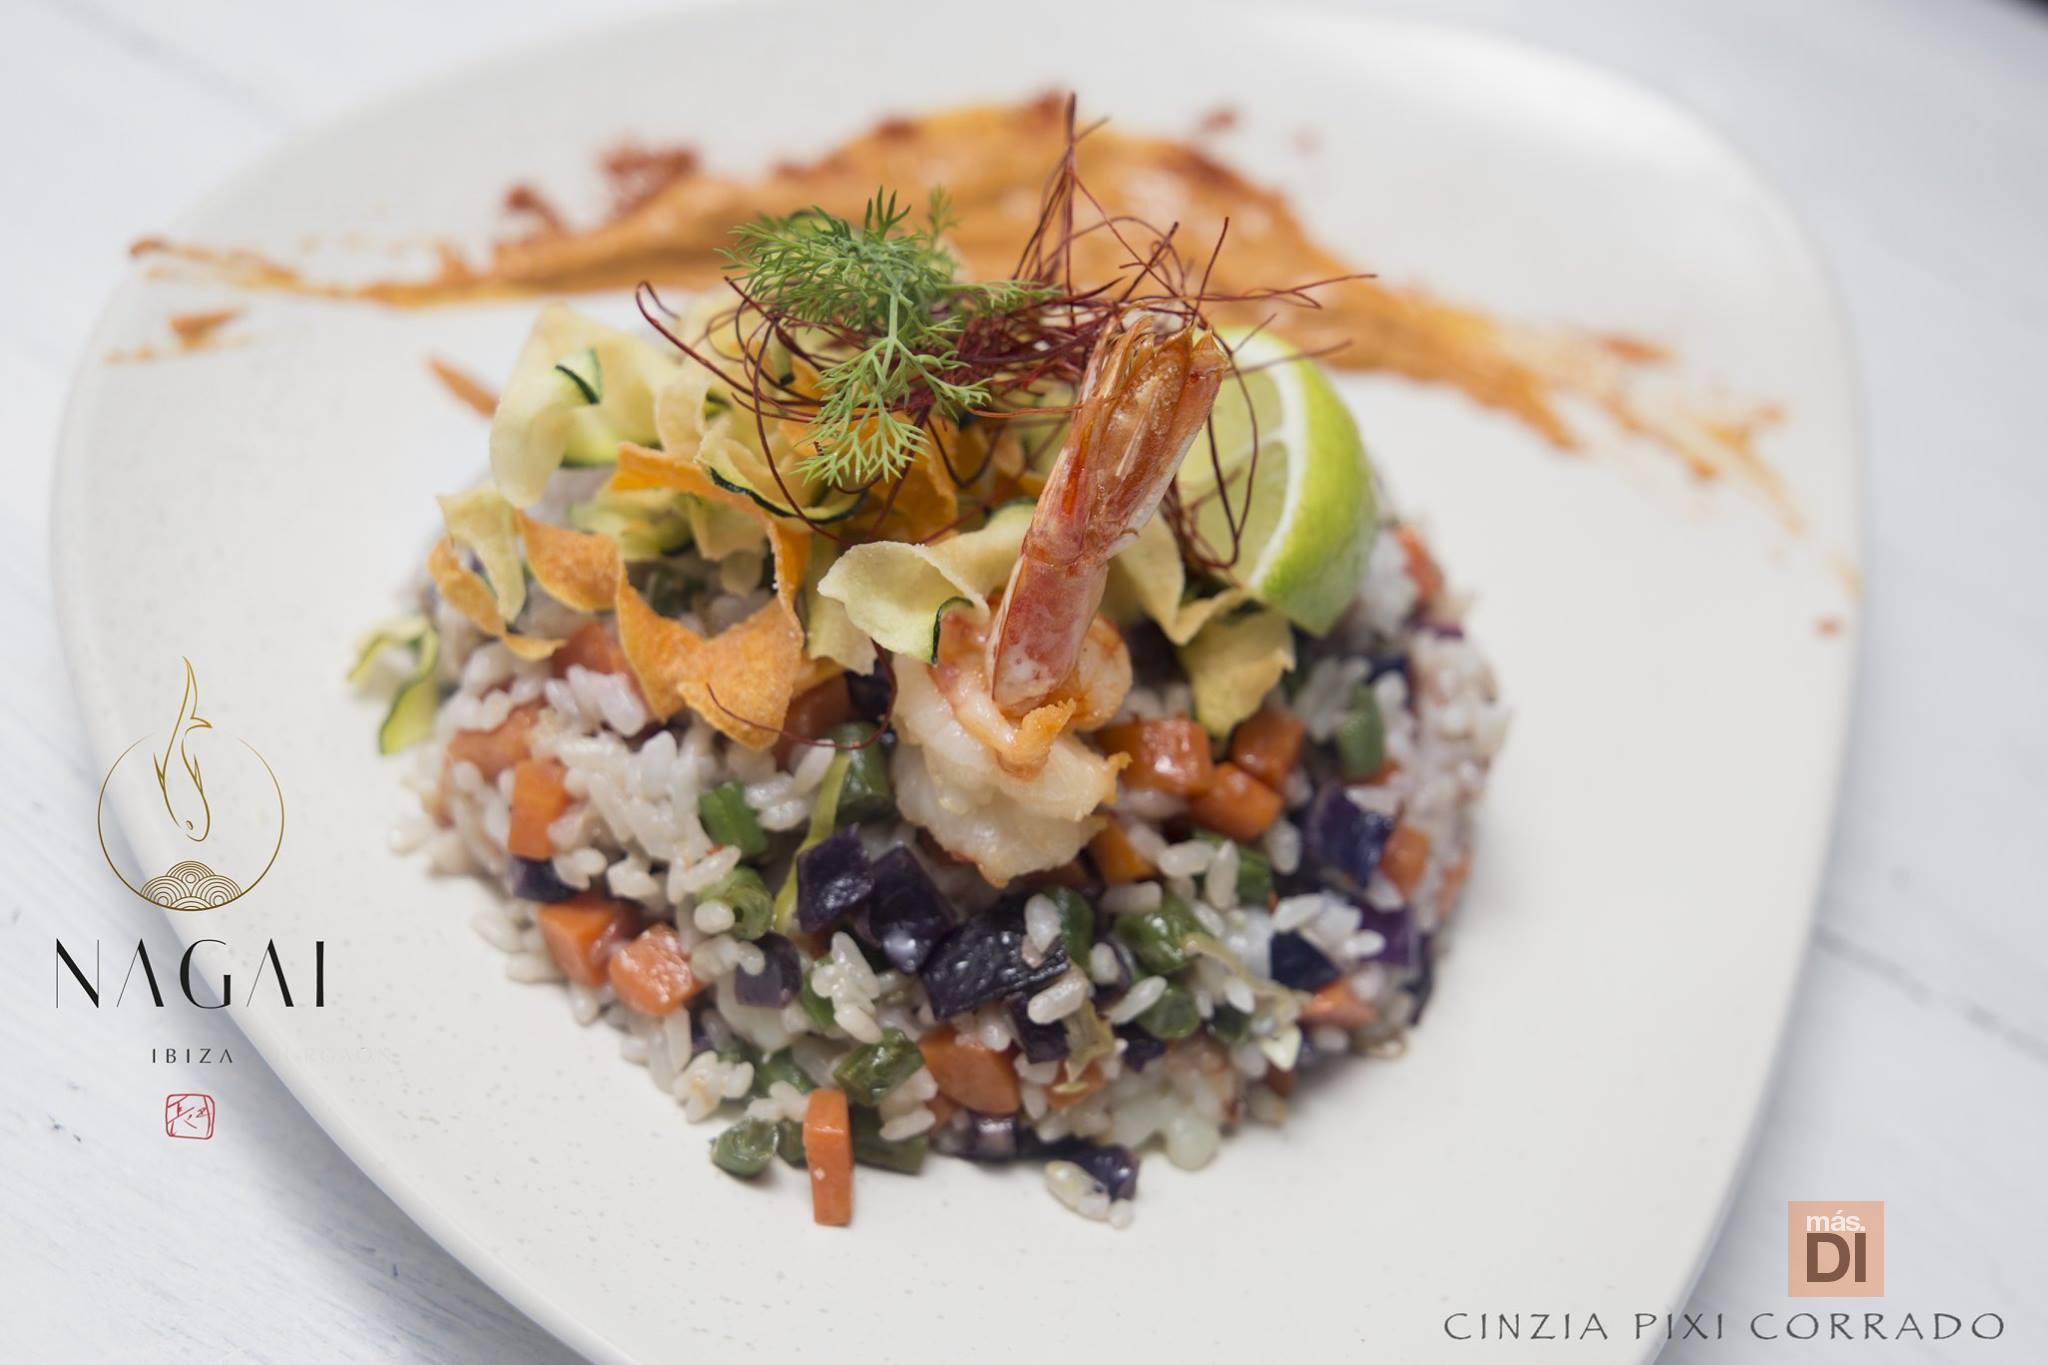 El mejor restaurante japonés del sur de Europa está en Ibiza y se llama Nagai | másDI - Magazine